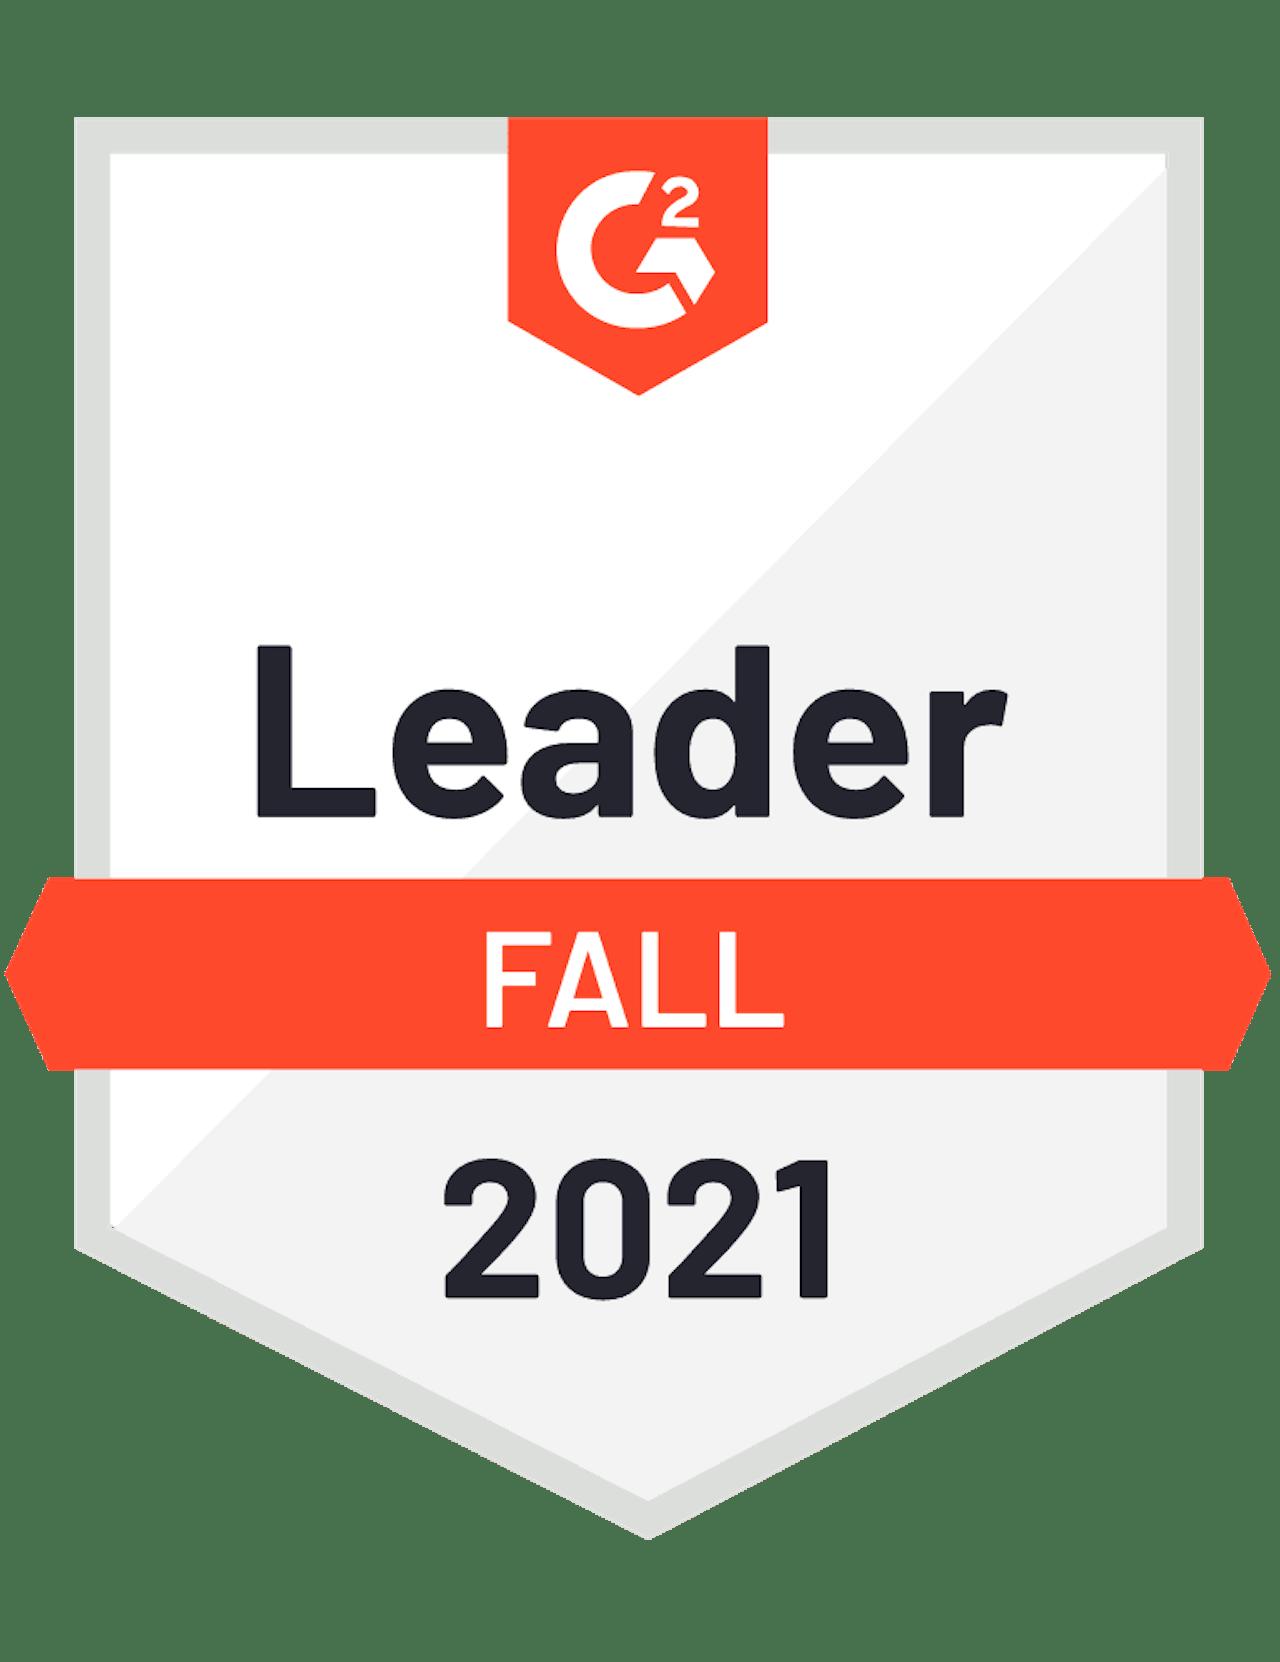 Livestorm G2 Fall Leader